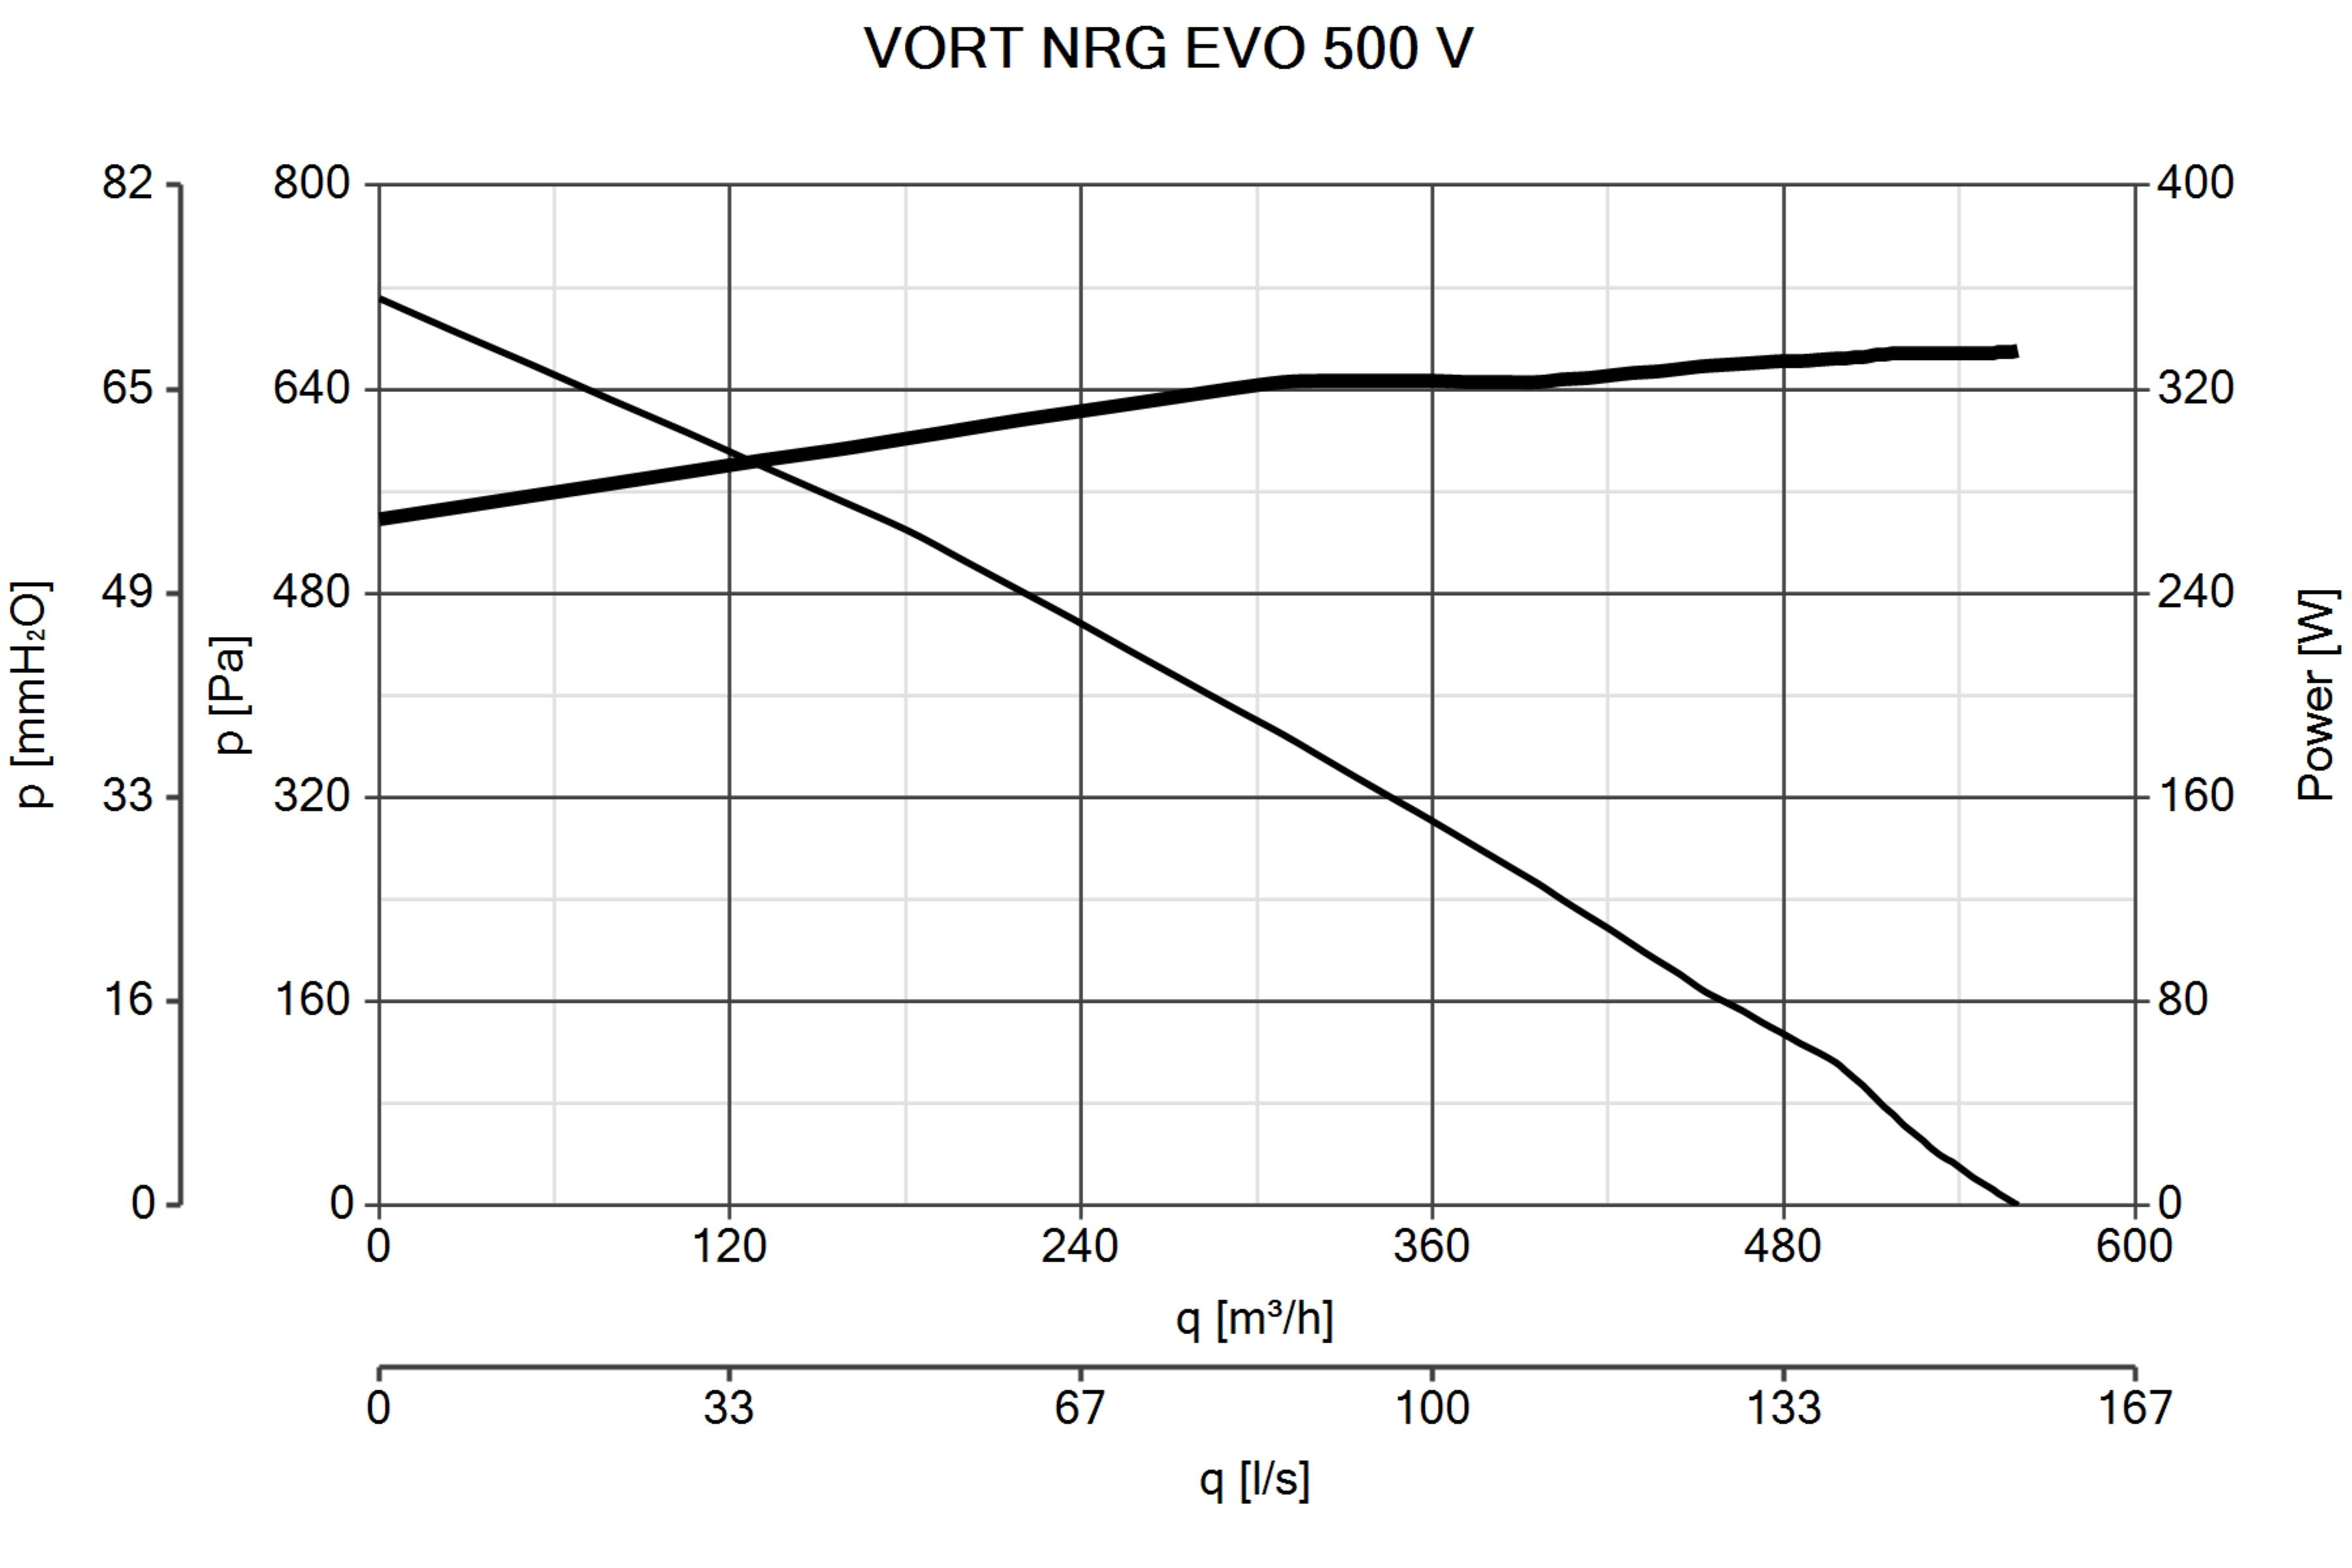 Schema Elettrico Nrg : Vort nrg evo 500 v ventilazione terziario recupero calore vortice